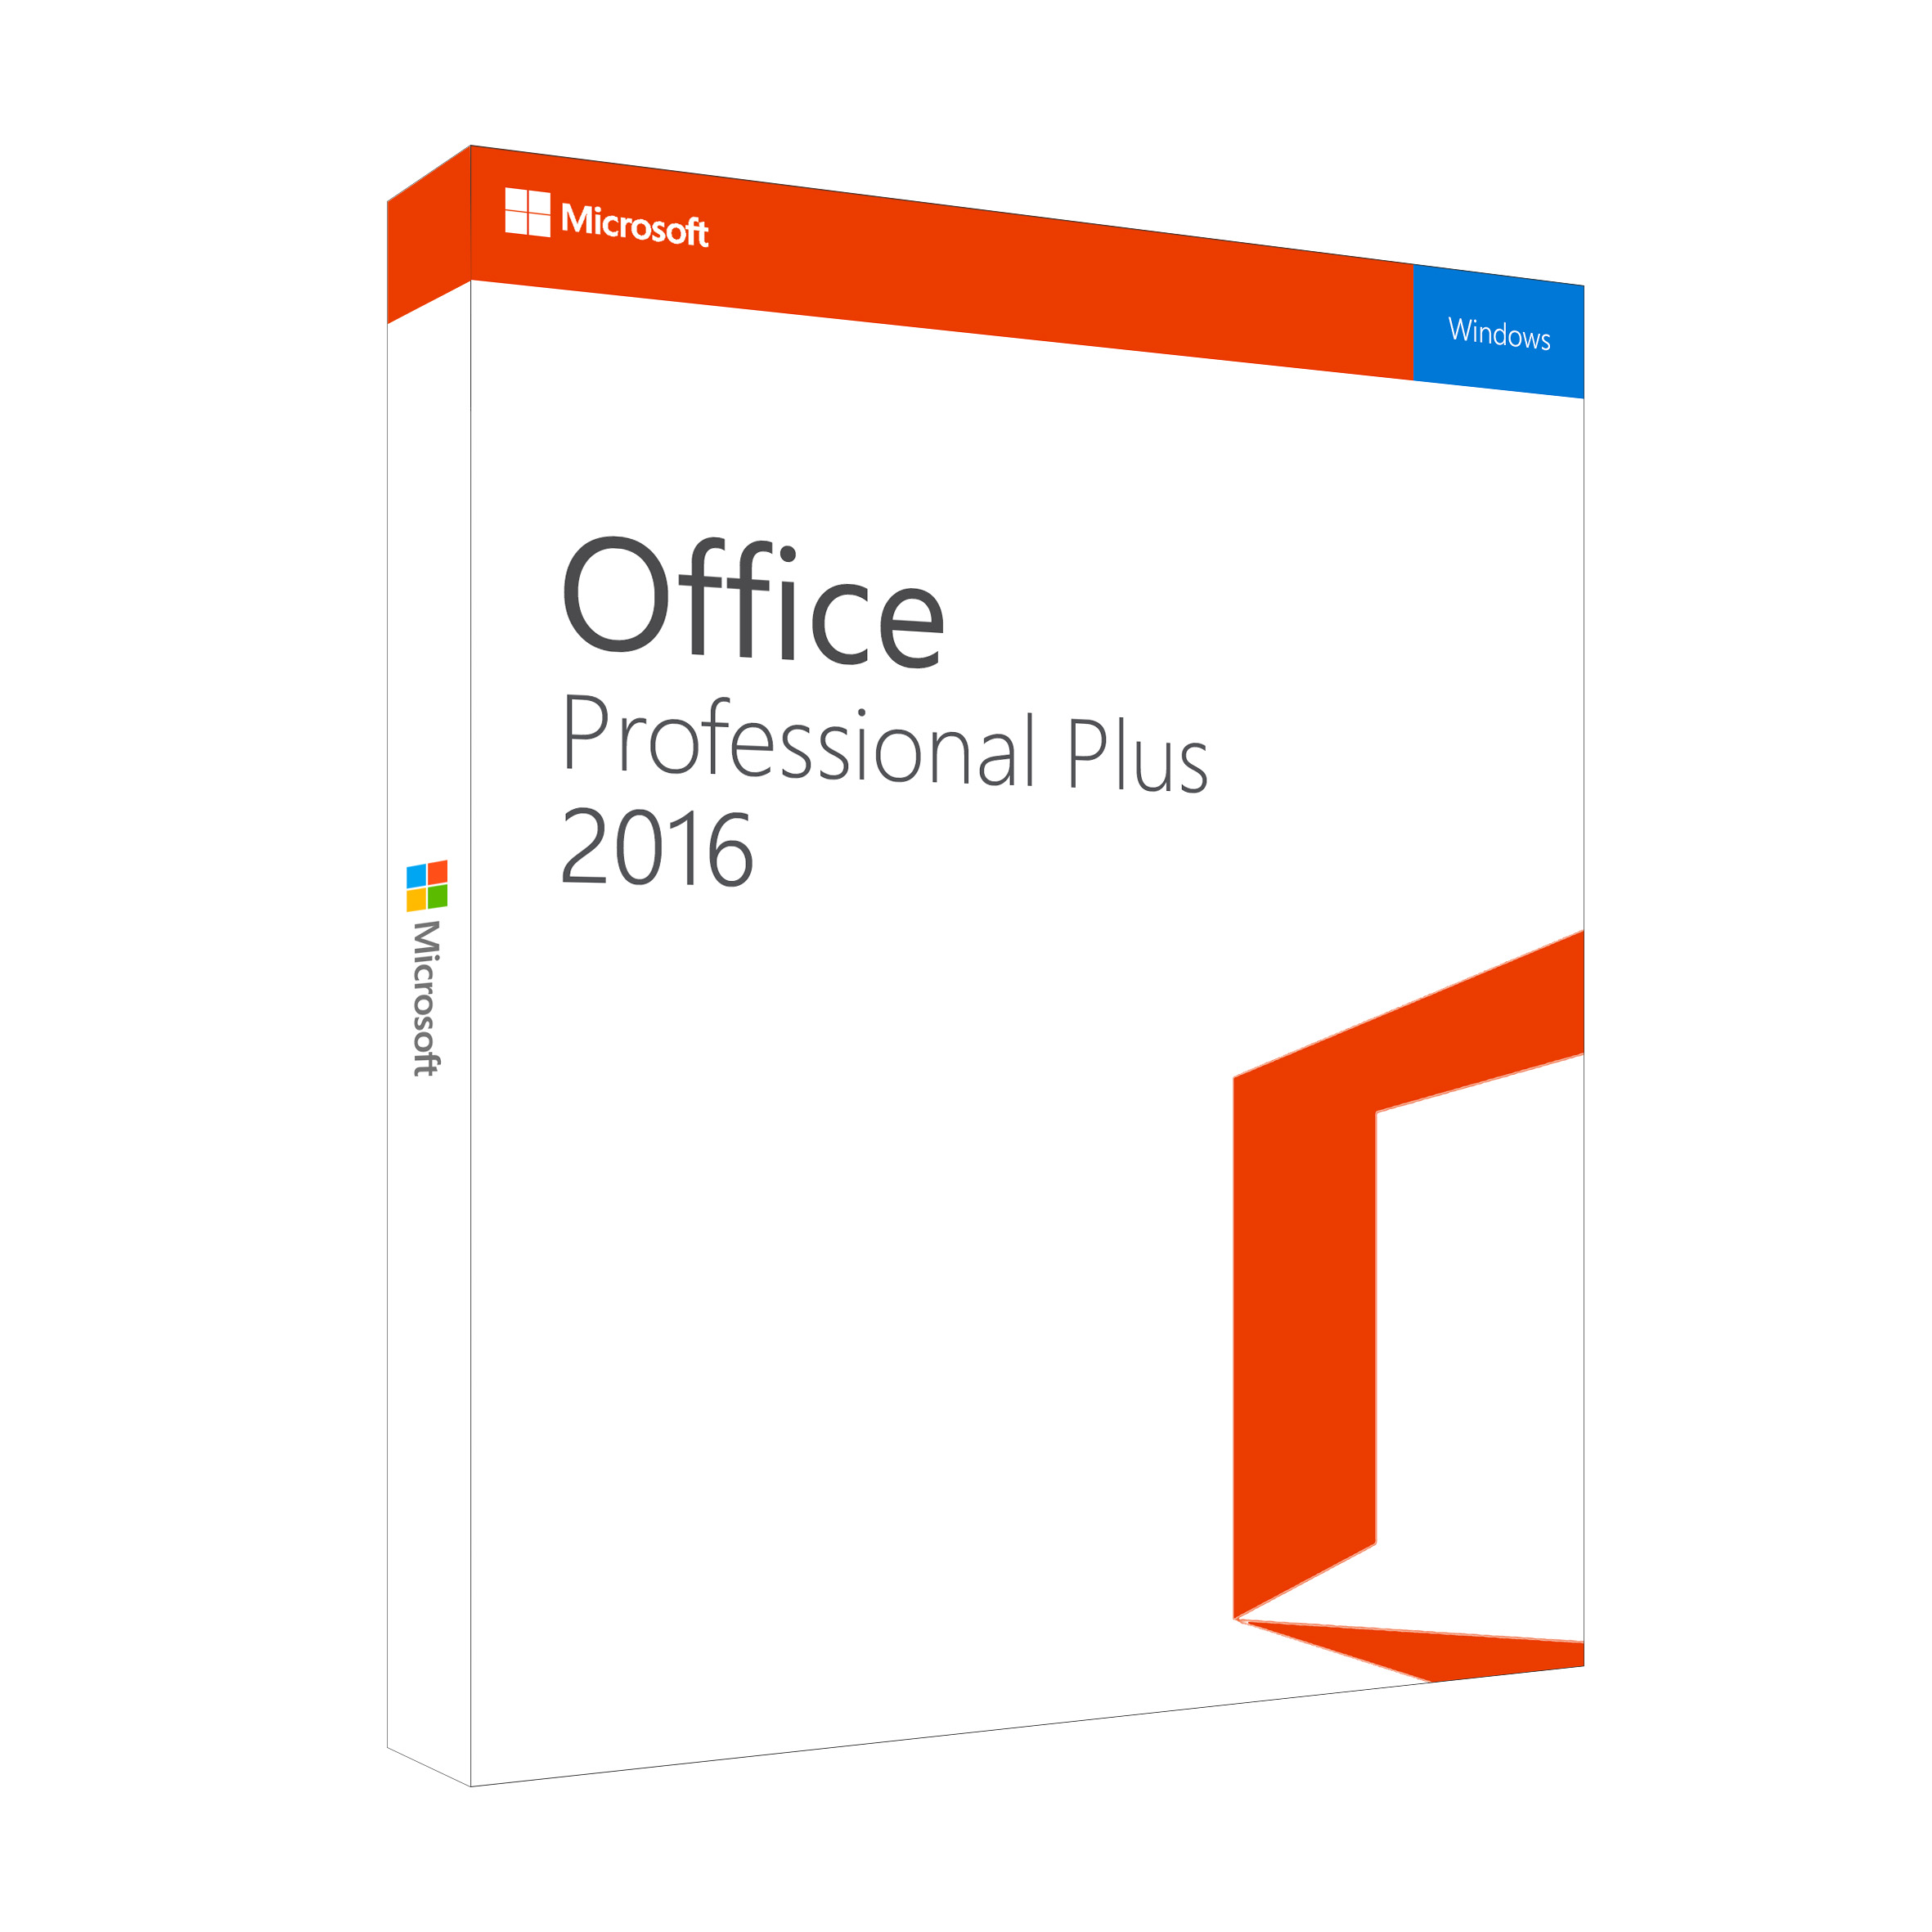 مایکروسافت افیس Pro Plus 2016